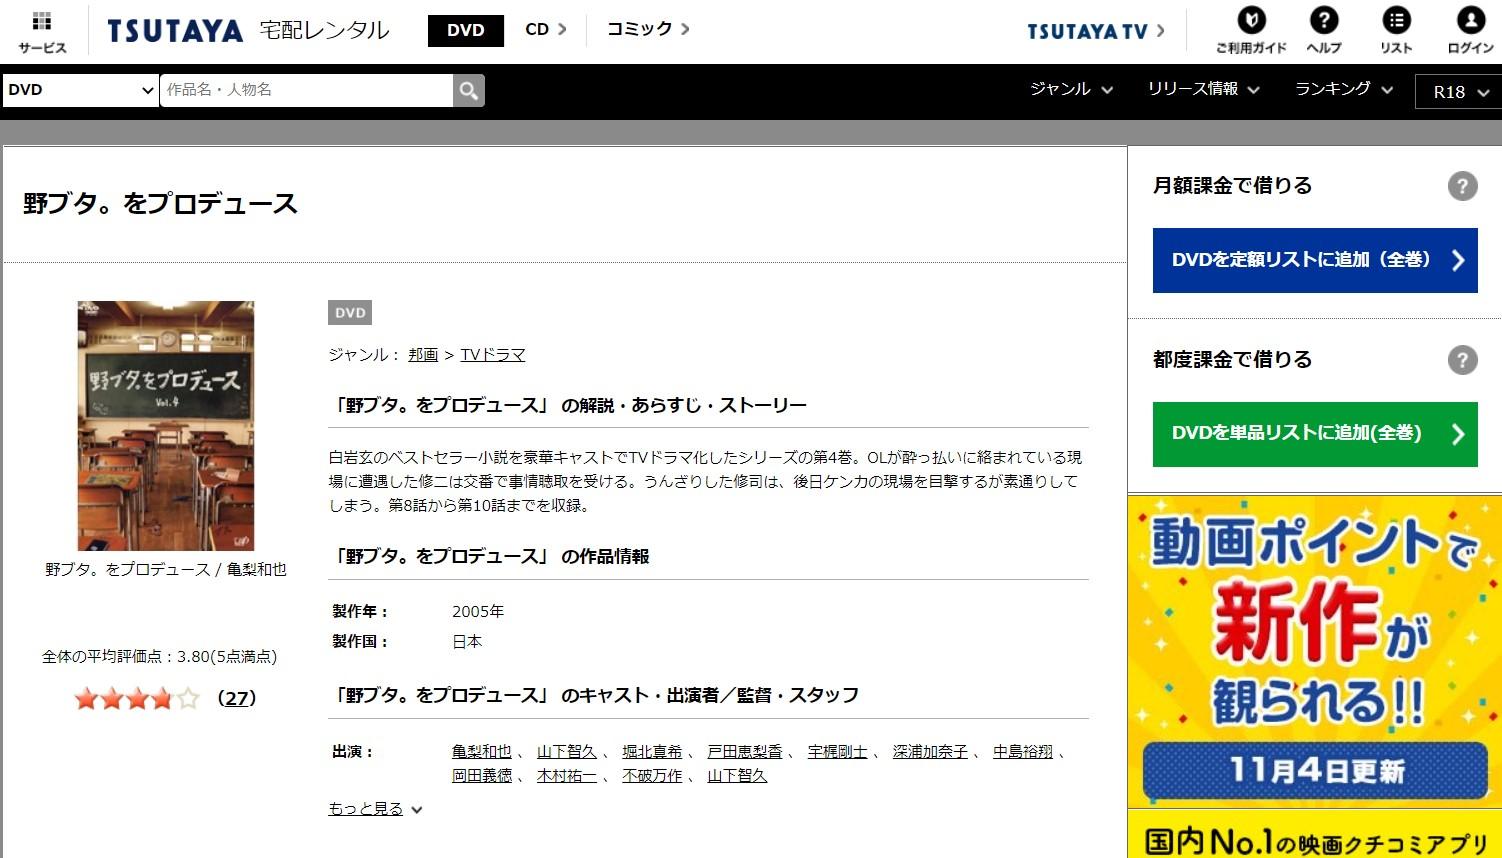 を 話 7 野 ブタ プロデュース